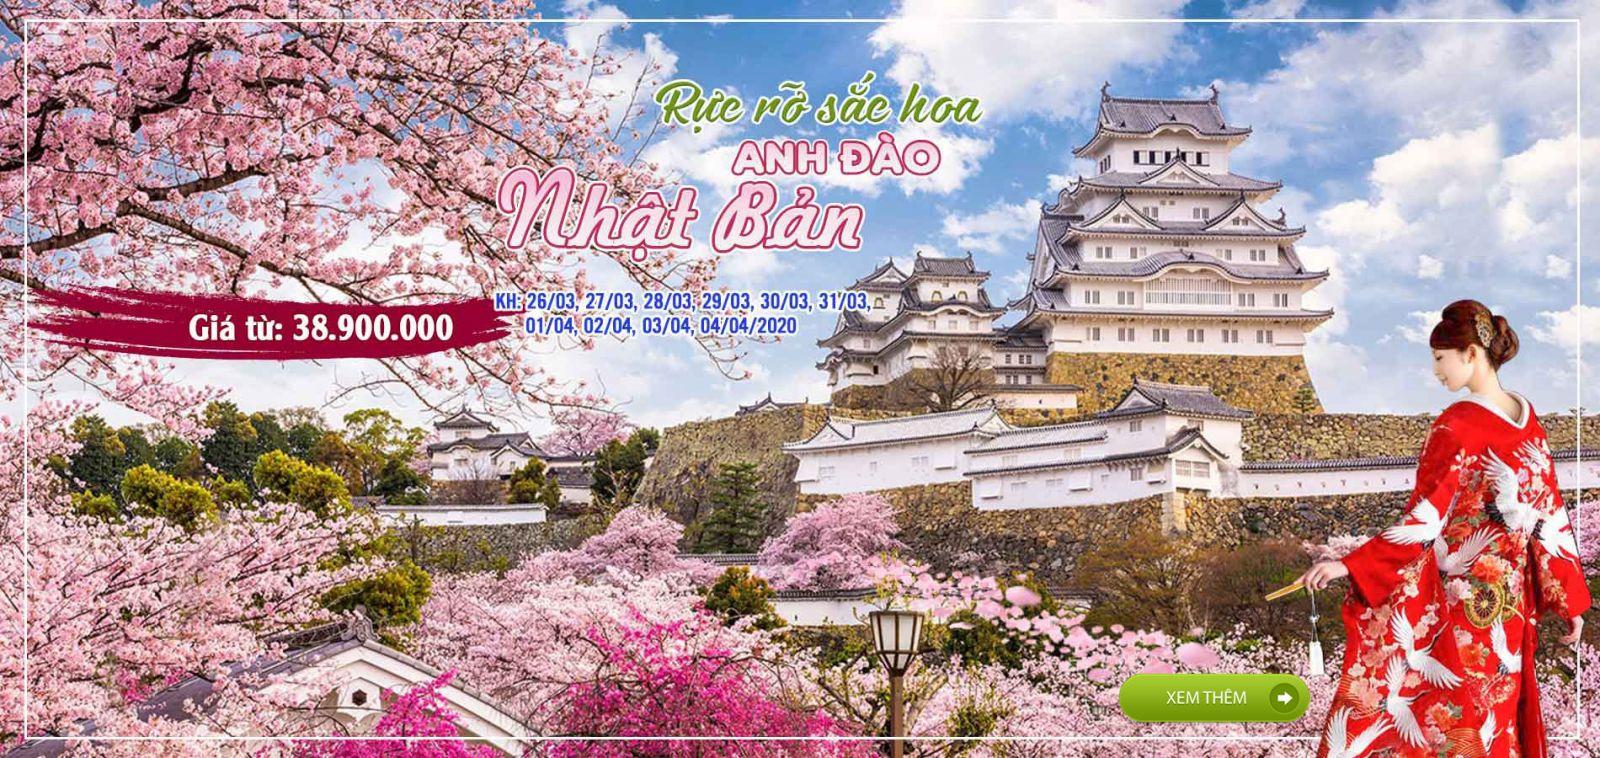 Kinh nghiệm chọn Tour Du lịch Nhật Bản mùa Hoa Anh Đào